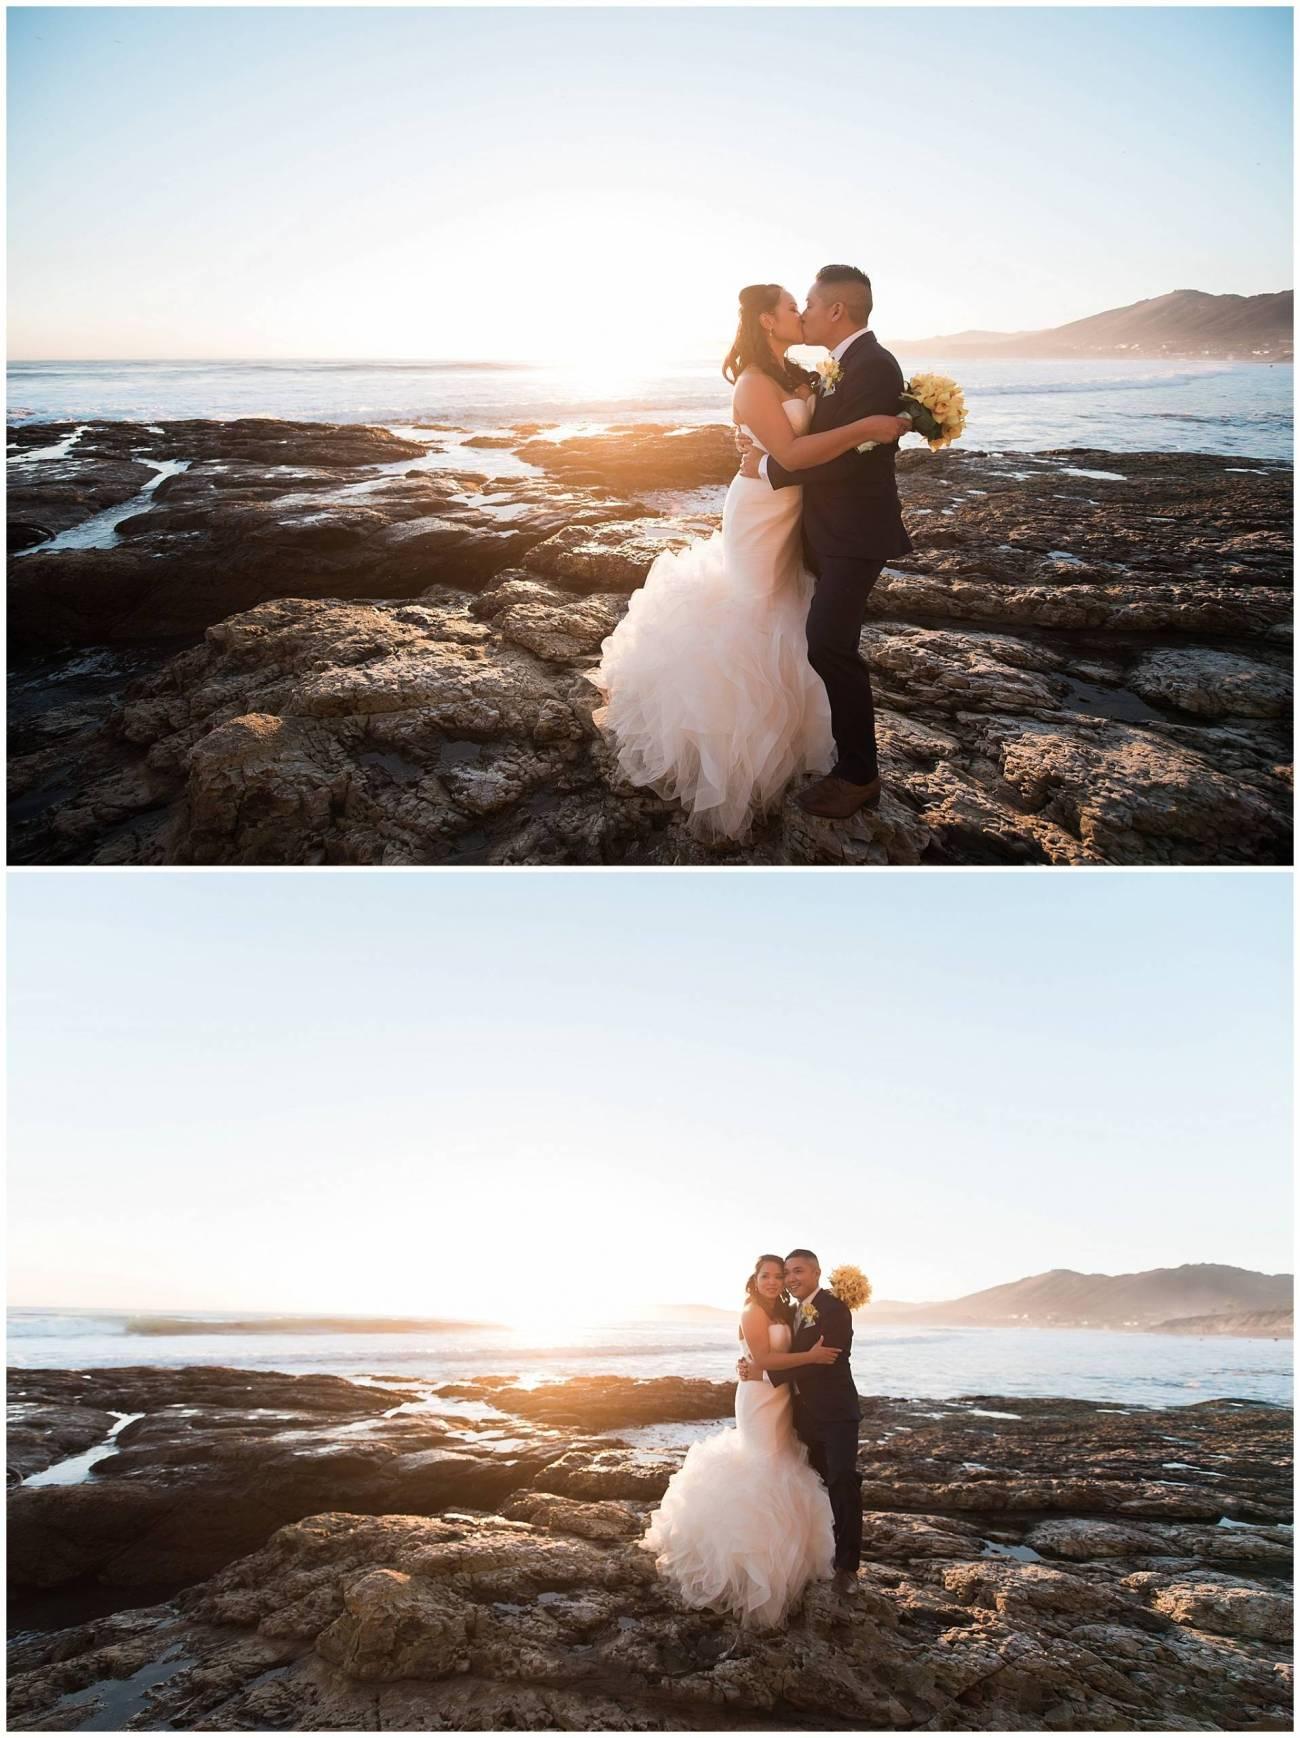 Ha & Allen Wedding Third Element Photography & Cinema Pismo Beach Cliffs Resort Central Coast Hybrid Film Wedding Photographer_0034